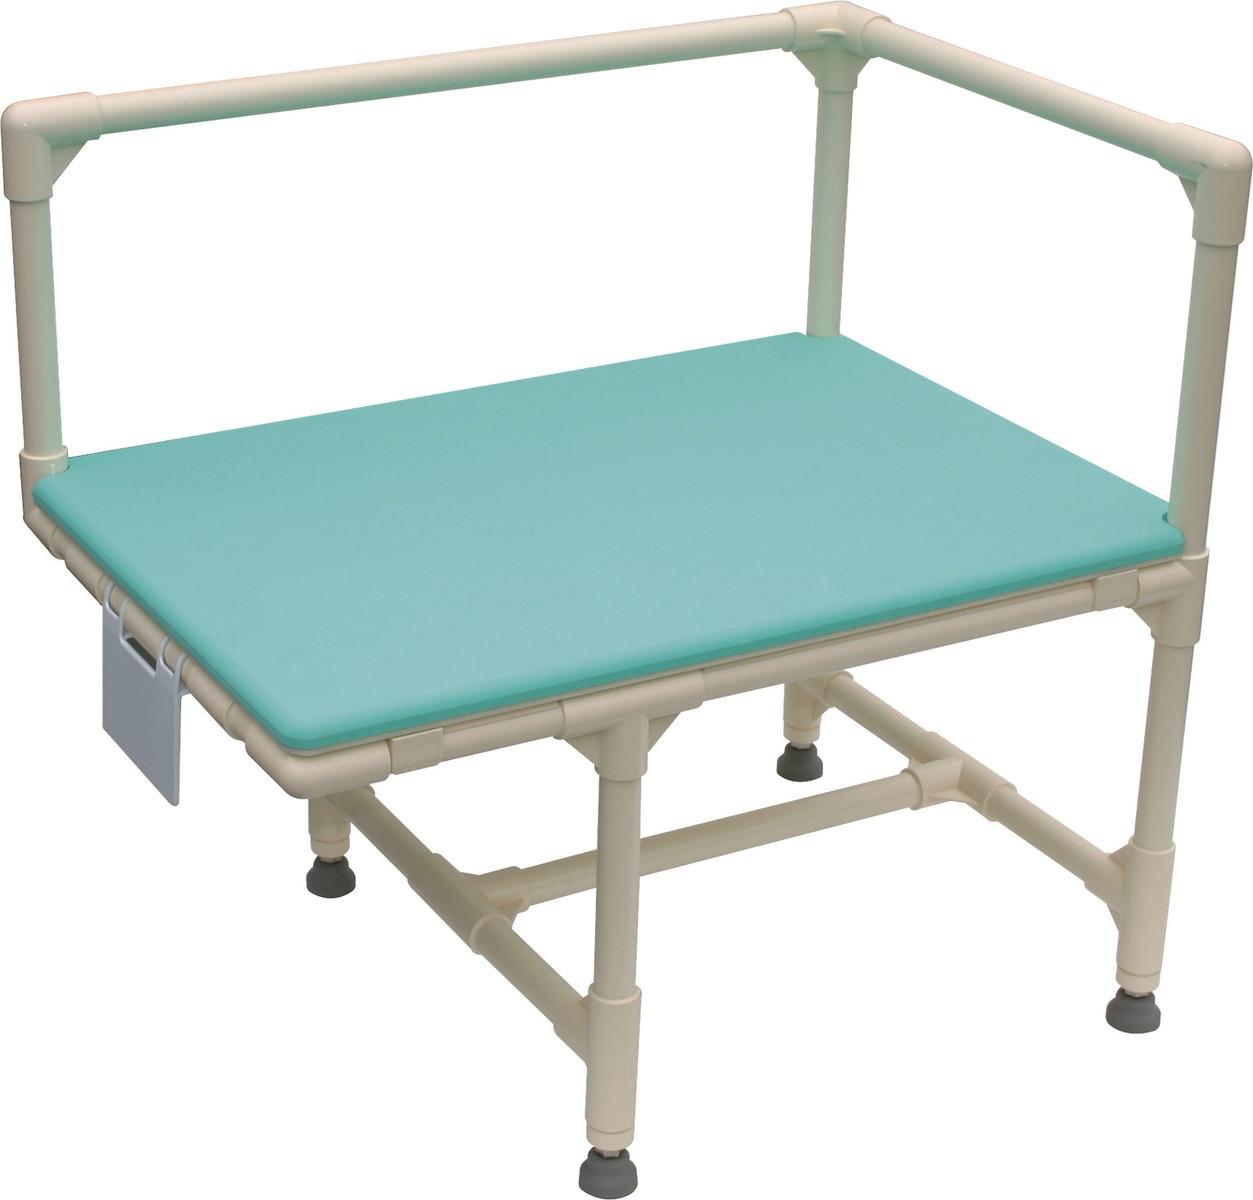 入浴用いす/入浴台(右用)浴そう固定金具Bタイプ アジャスター付 CAG-6 H67(40)×W70×D48cm 質量:10.0kg ブルー[※代引不可]